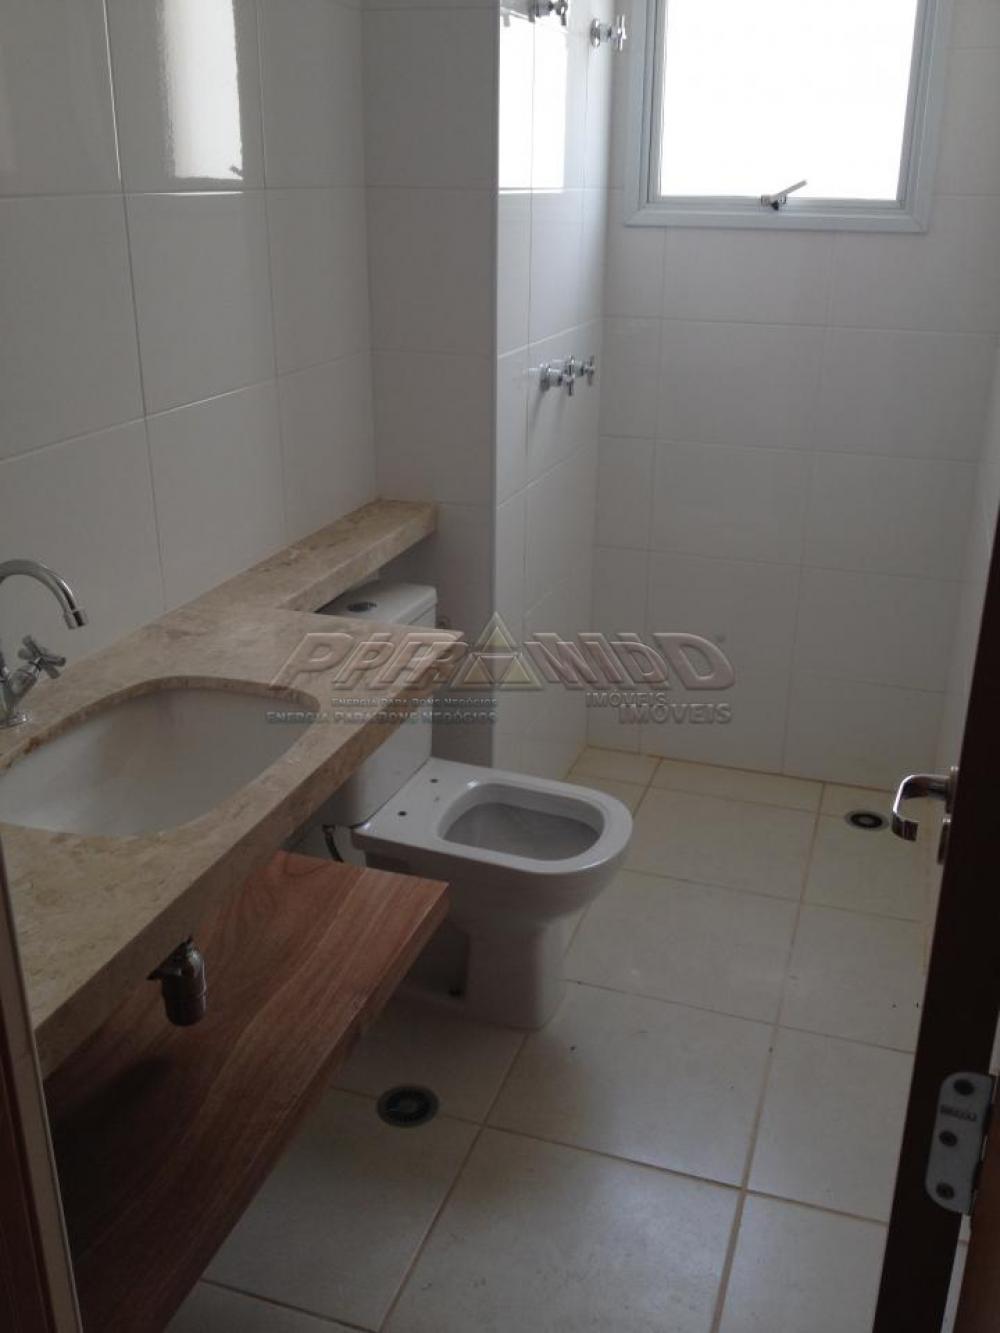 Alugar Apartamento / Padrão em Ribeirão Preto apenas R$ 1.950,00 - Foto 2